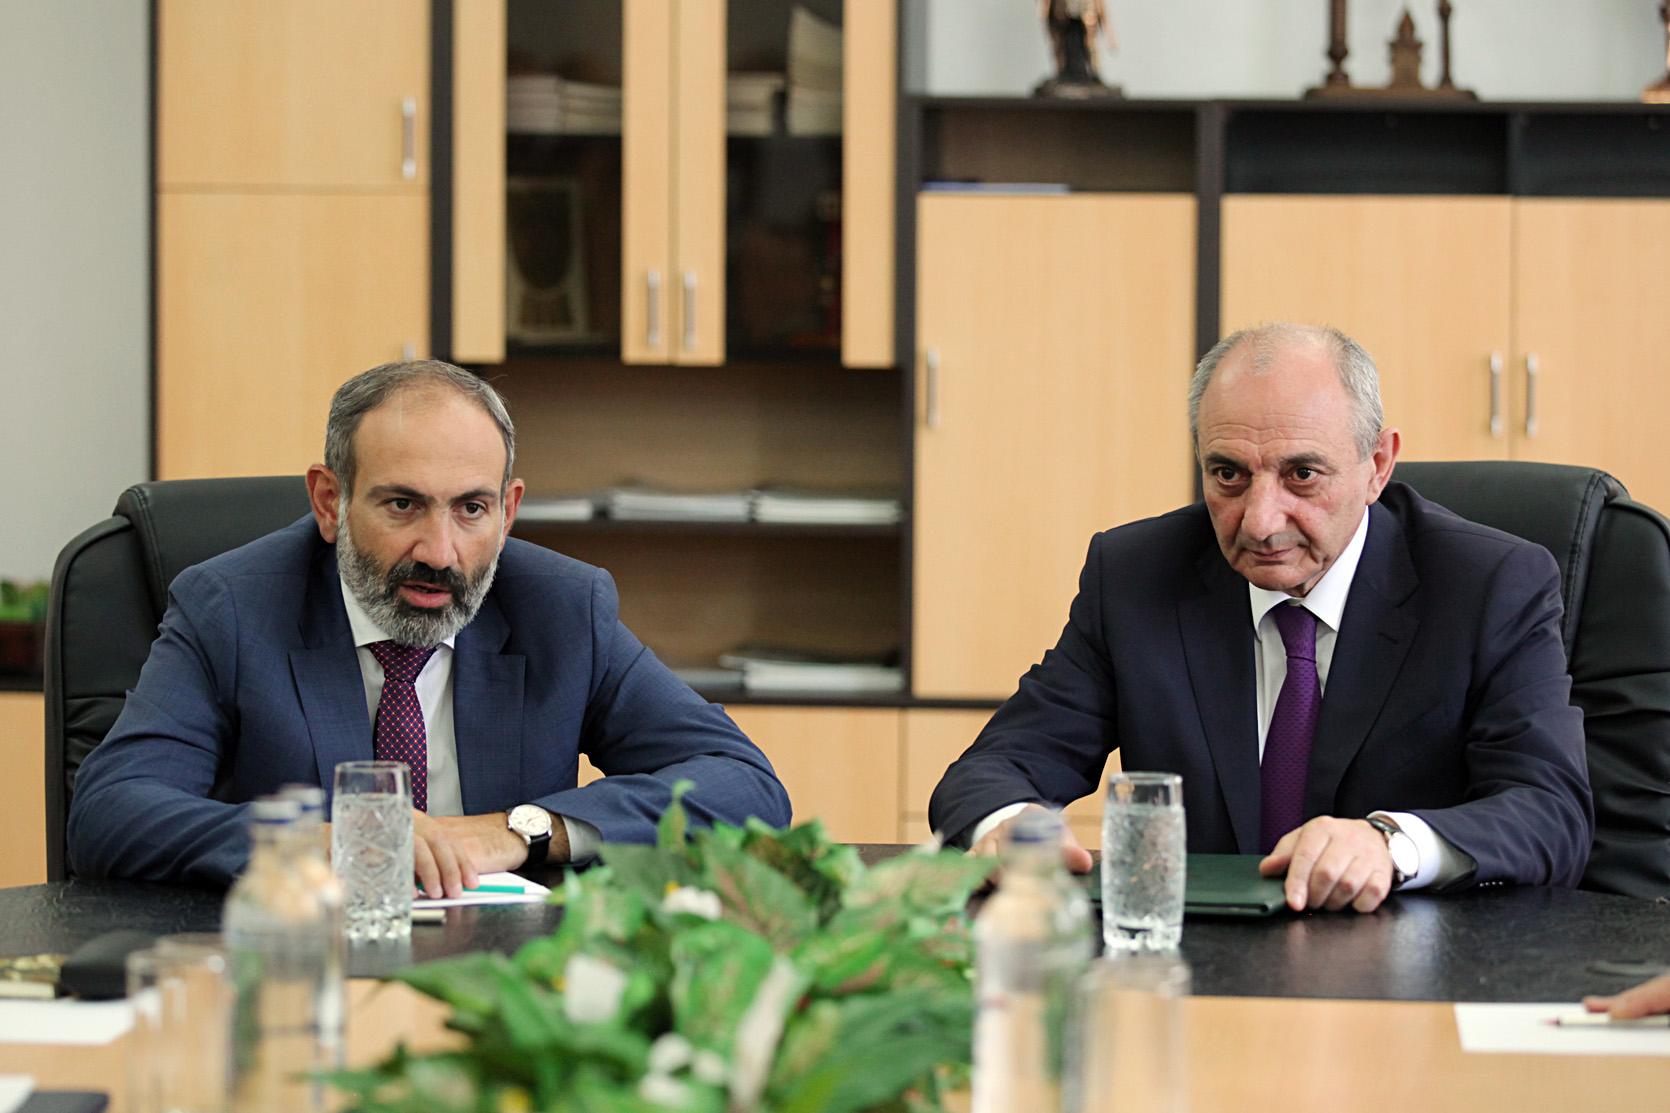 Պատրաստ եմ բանակցել Ադրբեջանի նախագահի հետ ՝ ԵԱՀԿ Մինսկի համանախագահության շրջանակներում.  Նիկոլ Փաշինյան